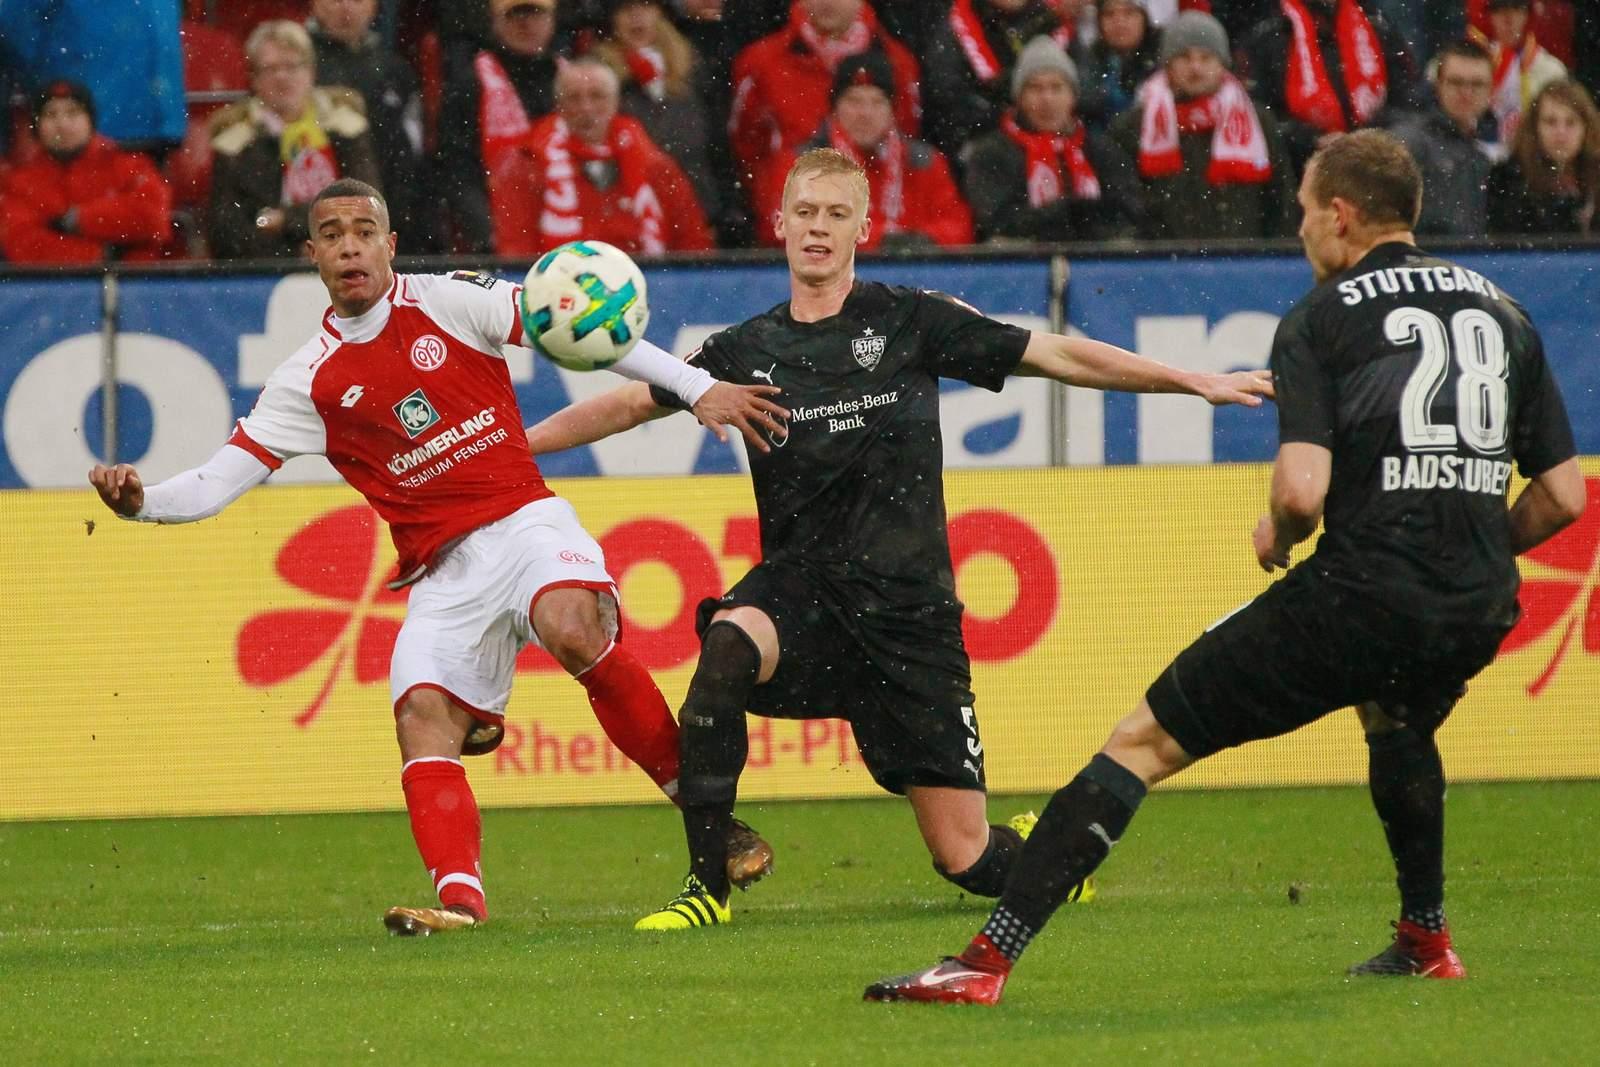 Setzt sich Quaison wieder gegen Baumgartl durch? Jetzt auf Mainz vs Stuttgart wetten!